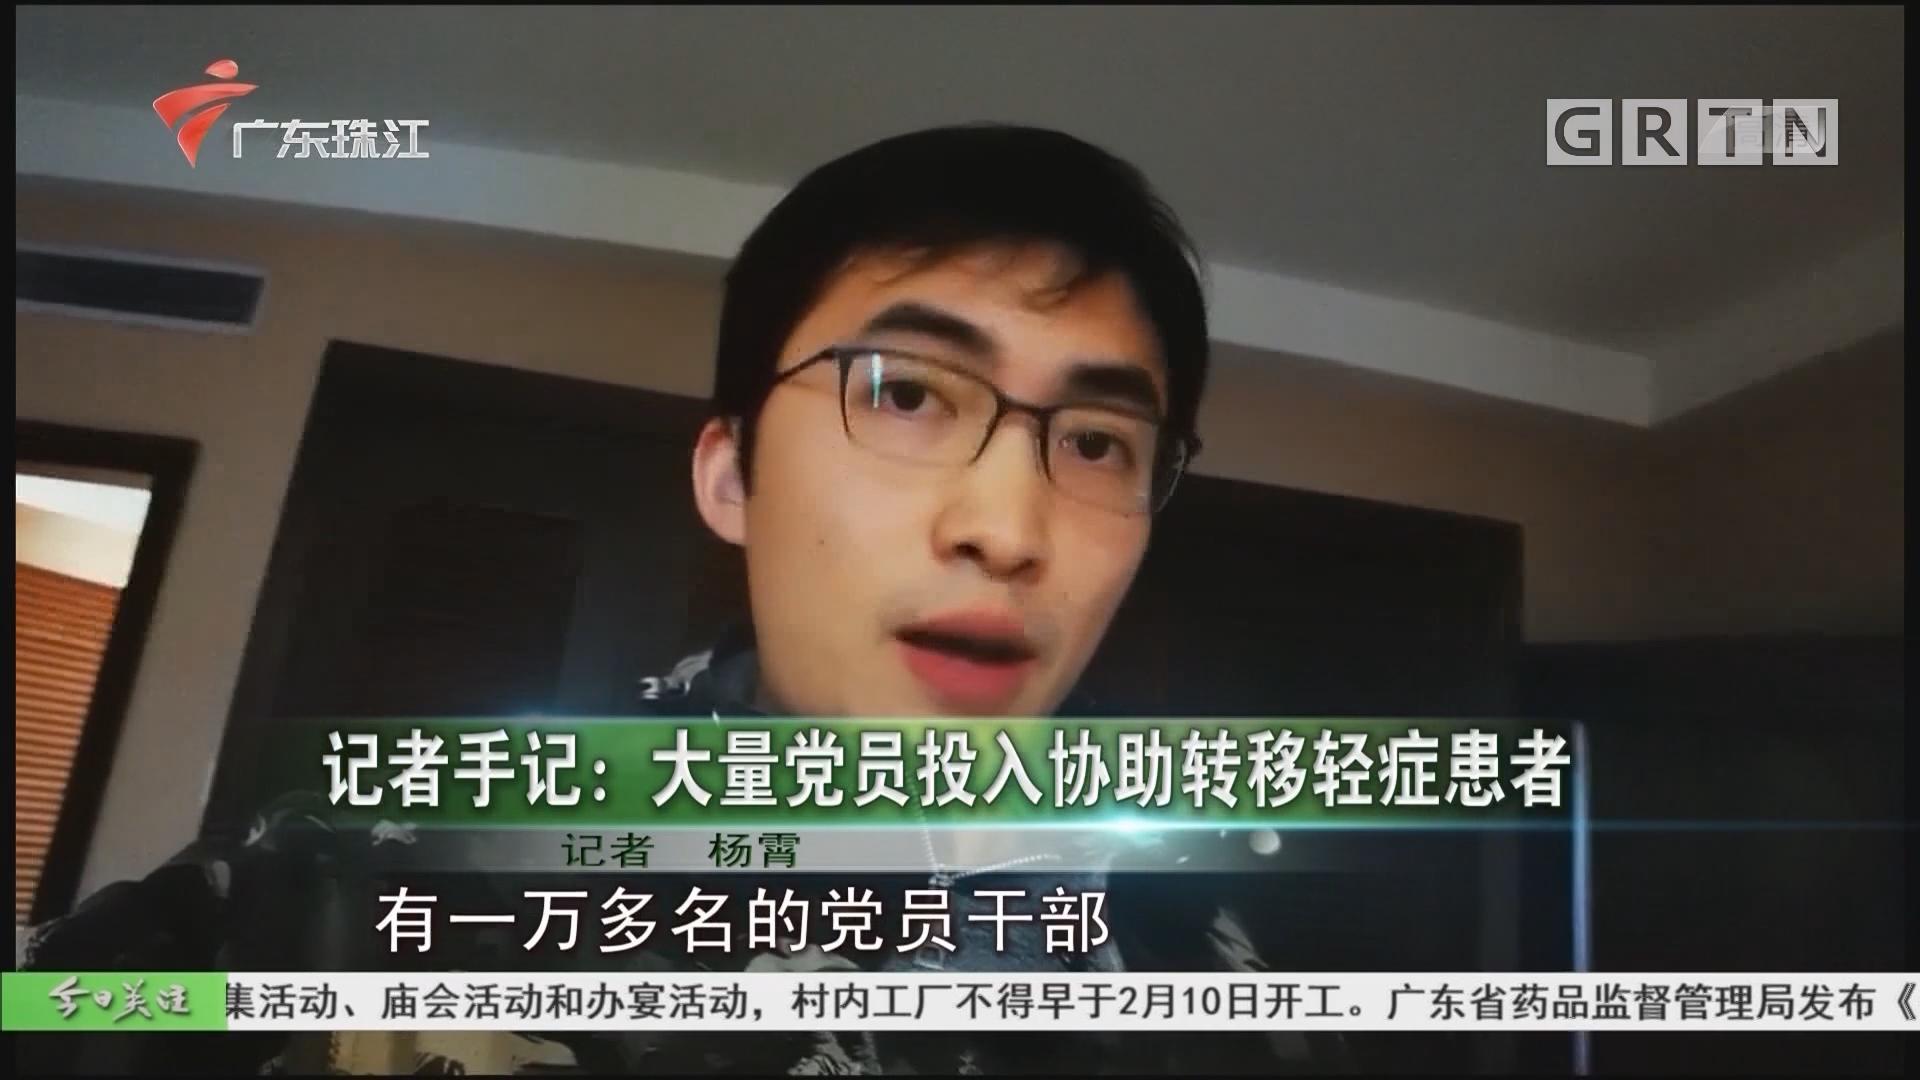 记者手记:大量党员投入协助转移轻症患者